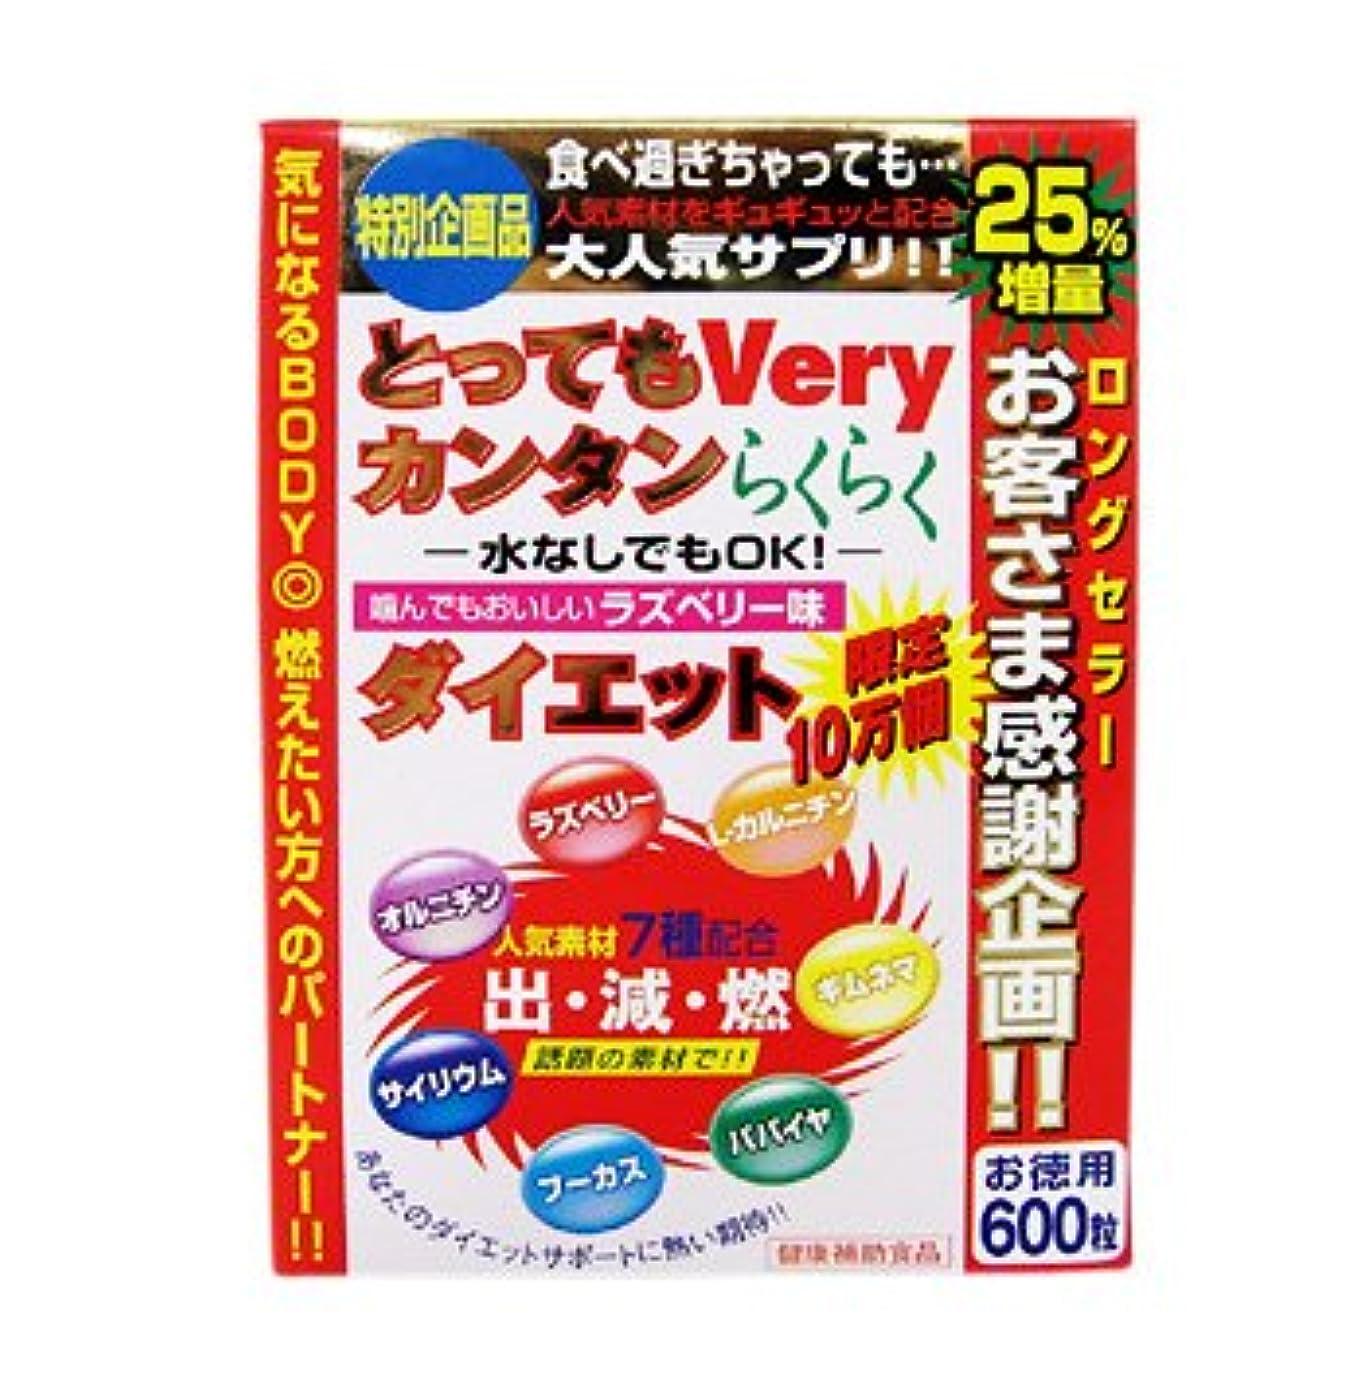 マーチャンダイジング金属荒涼としたジャパンギャルズ とってもVery カンタンらくらくダイエット お徳用 600粒 とってもベリー×5個セット